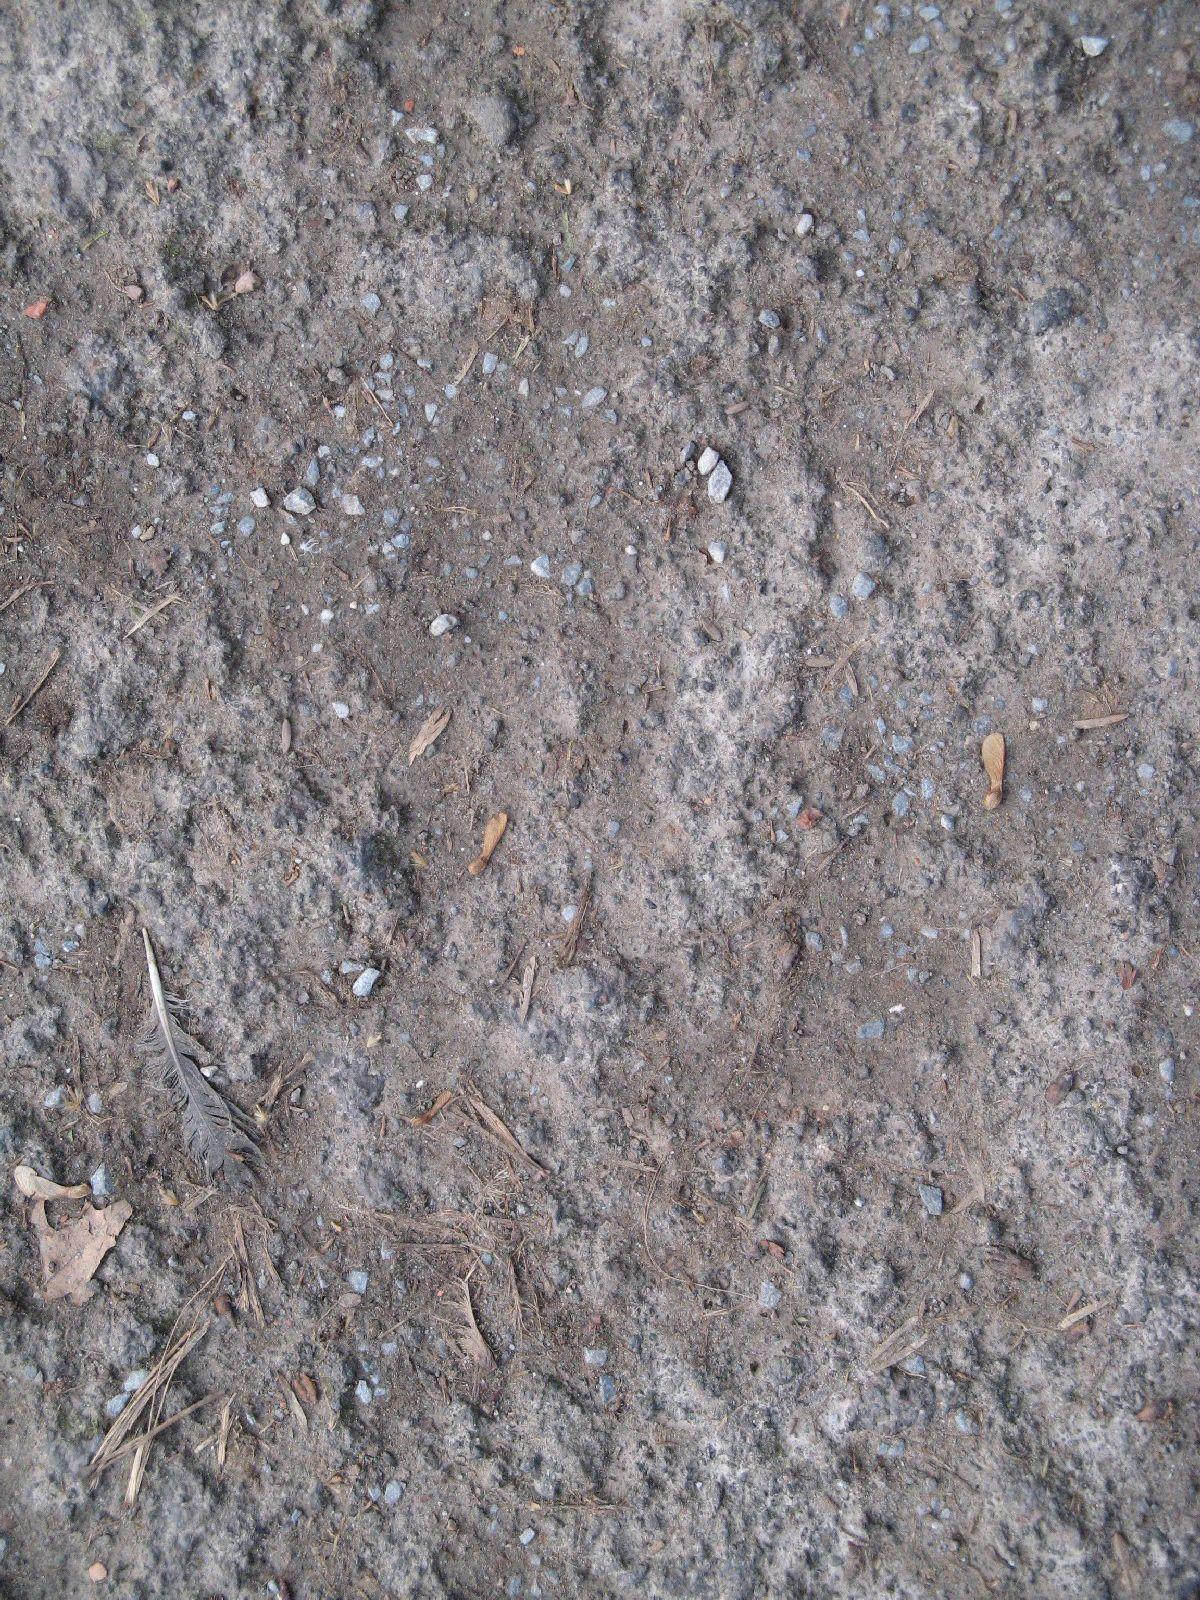 Ground-Nature_Texture_B_3841